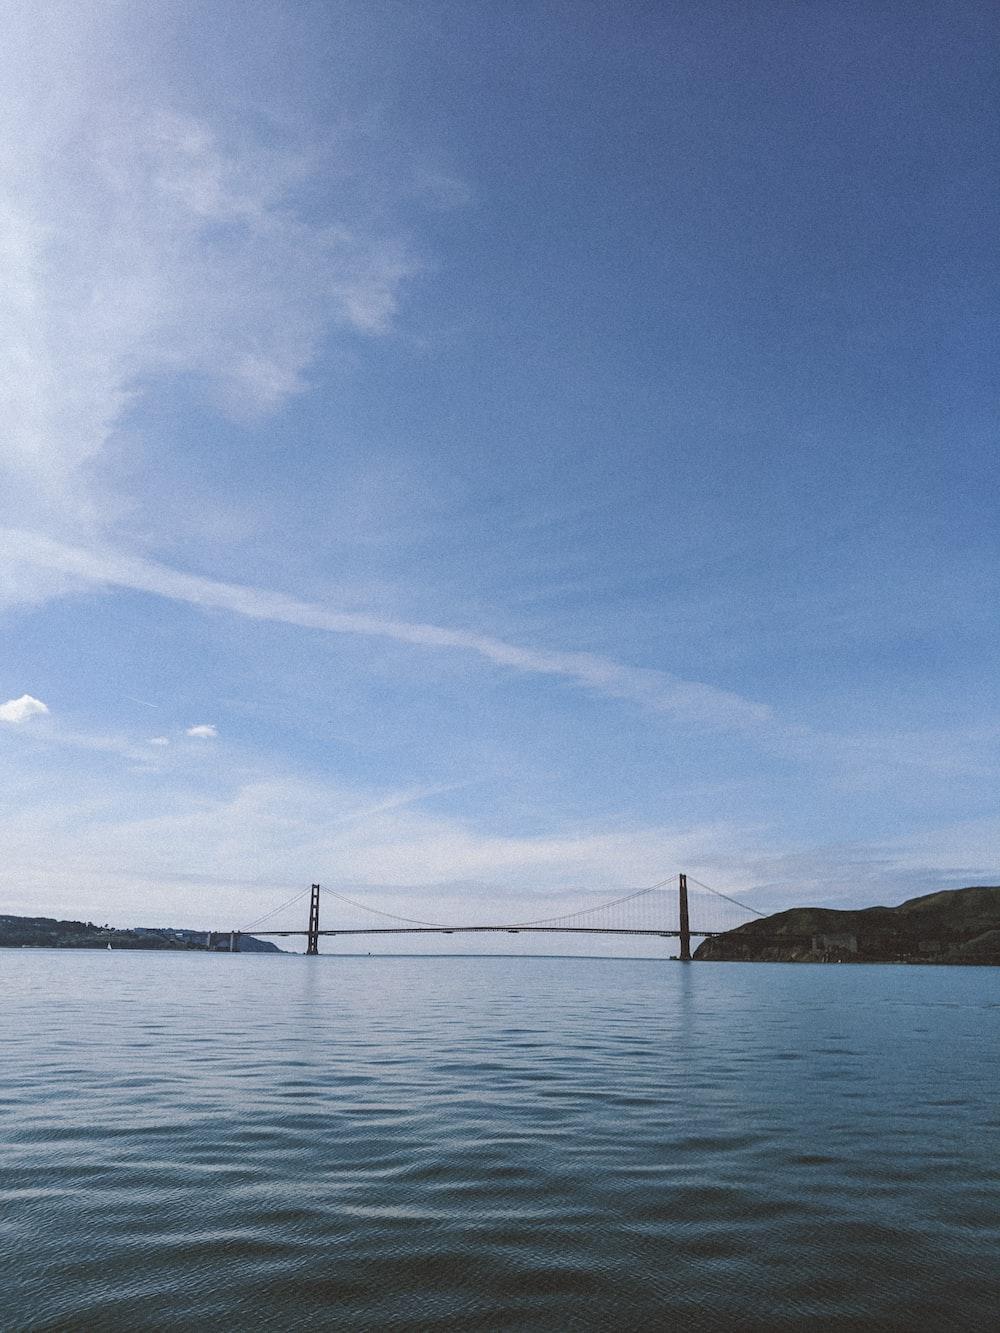 bridge over the sea under blue sky